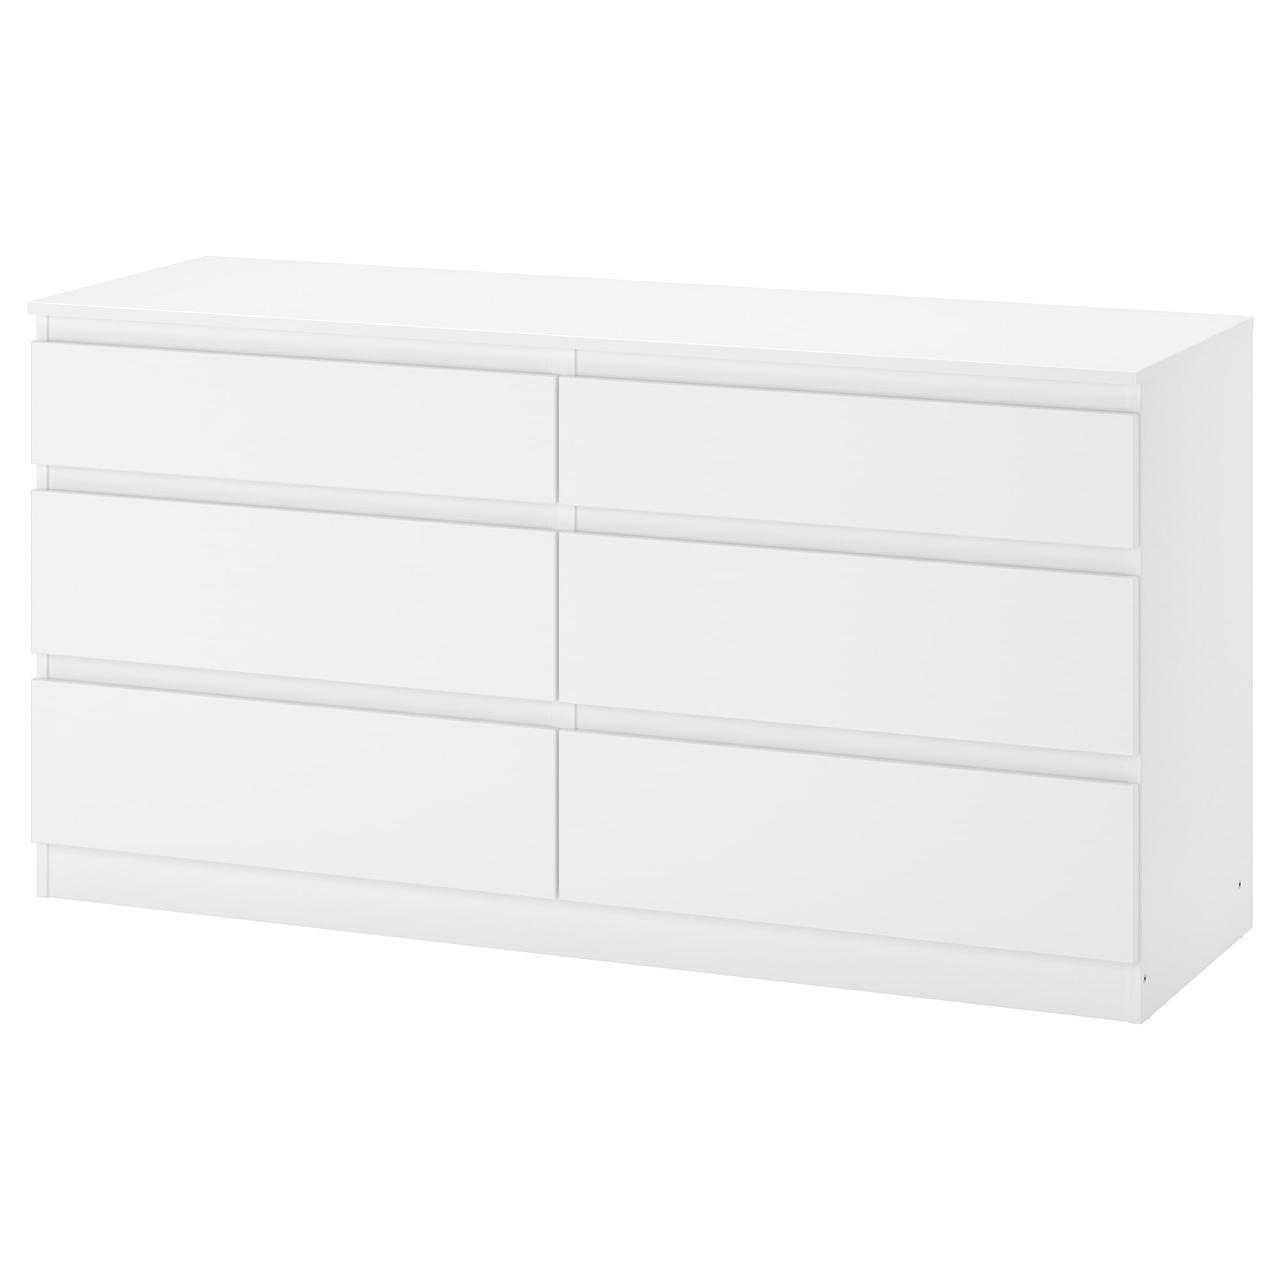 Комод IKEA KULLEN 140x72 см 6 ящиков белый 903.092.45